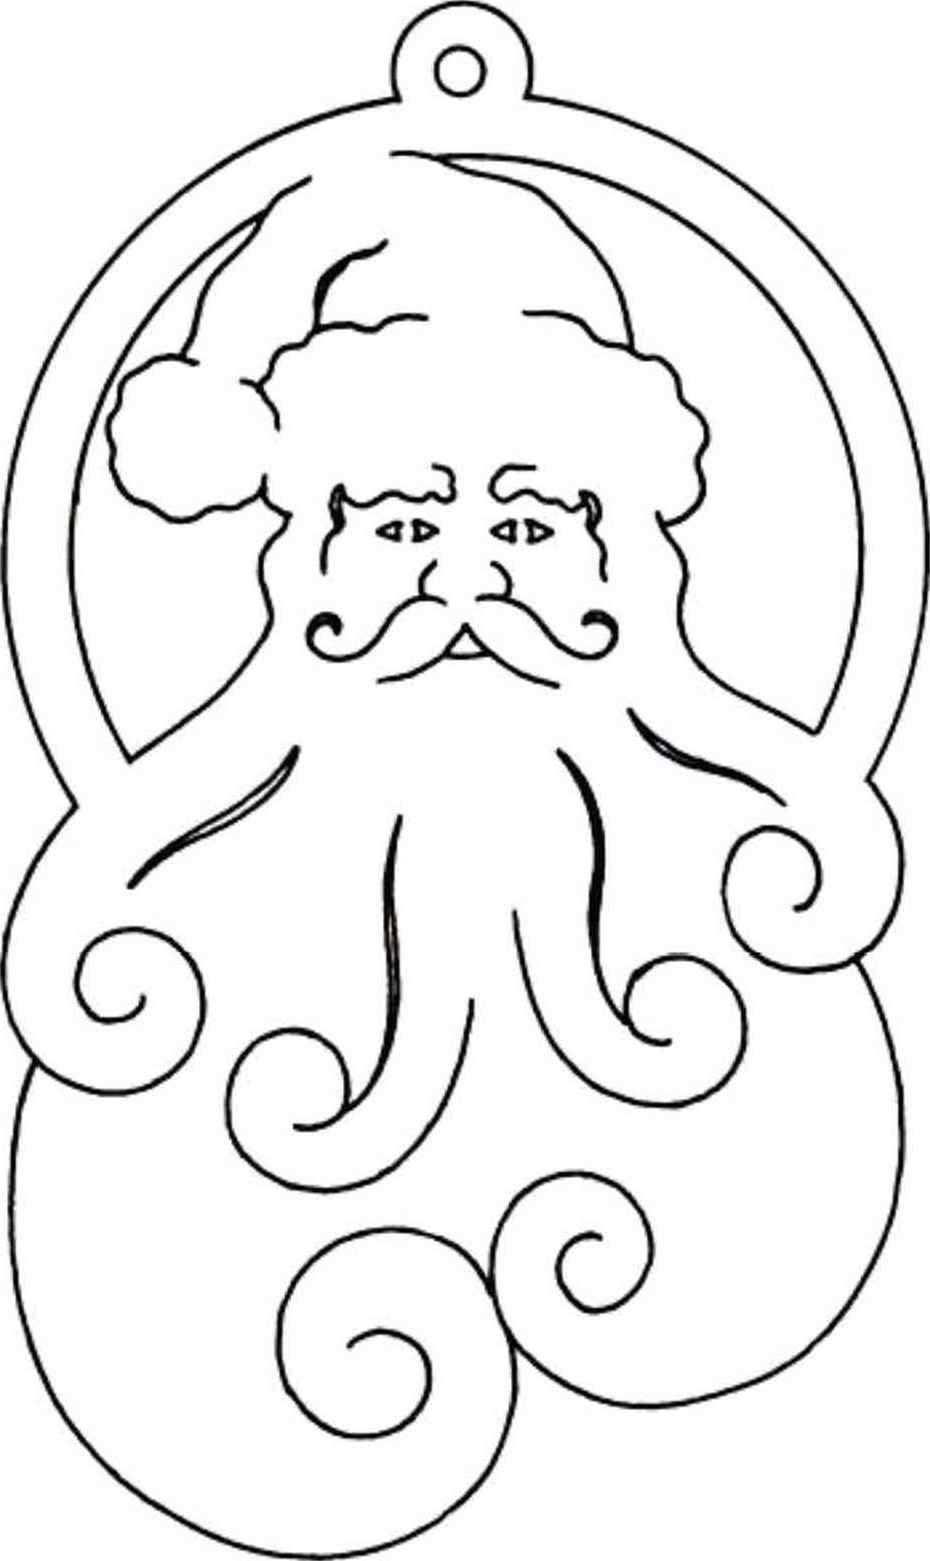 Weihnachtsmotive Zum Ausdrucken 60 Bastelideen Diy Weihnachtsdeko Ideen Zenideen Laubsage Vorlagen Weihnachten Basteln Fruhling Fensterdeko Weihnachtsmotive Zum Ausdrucken